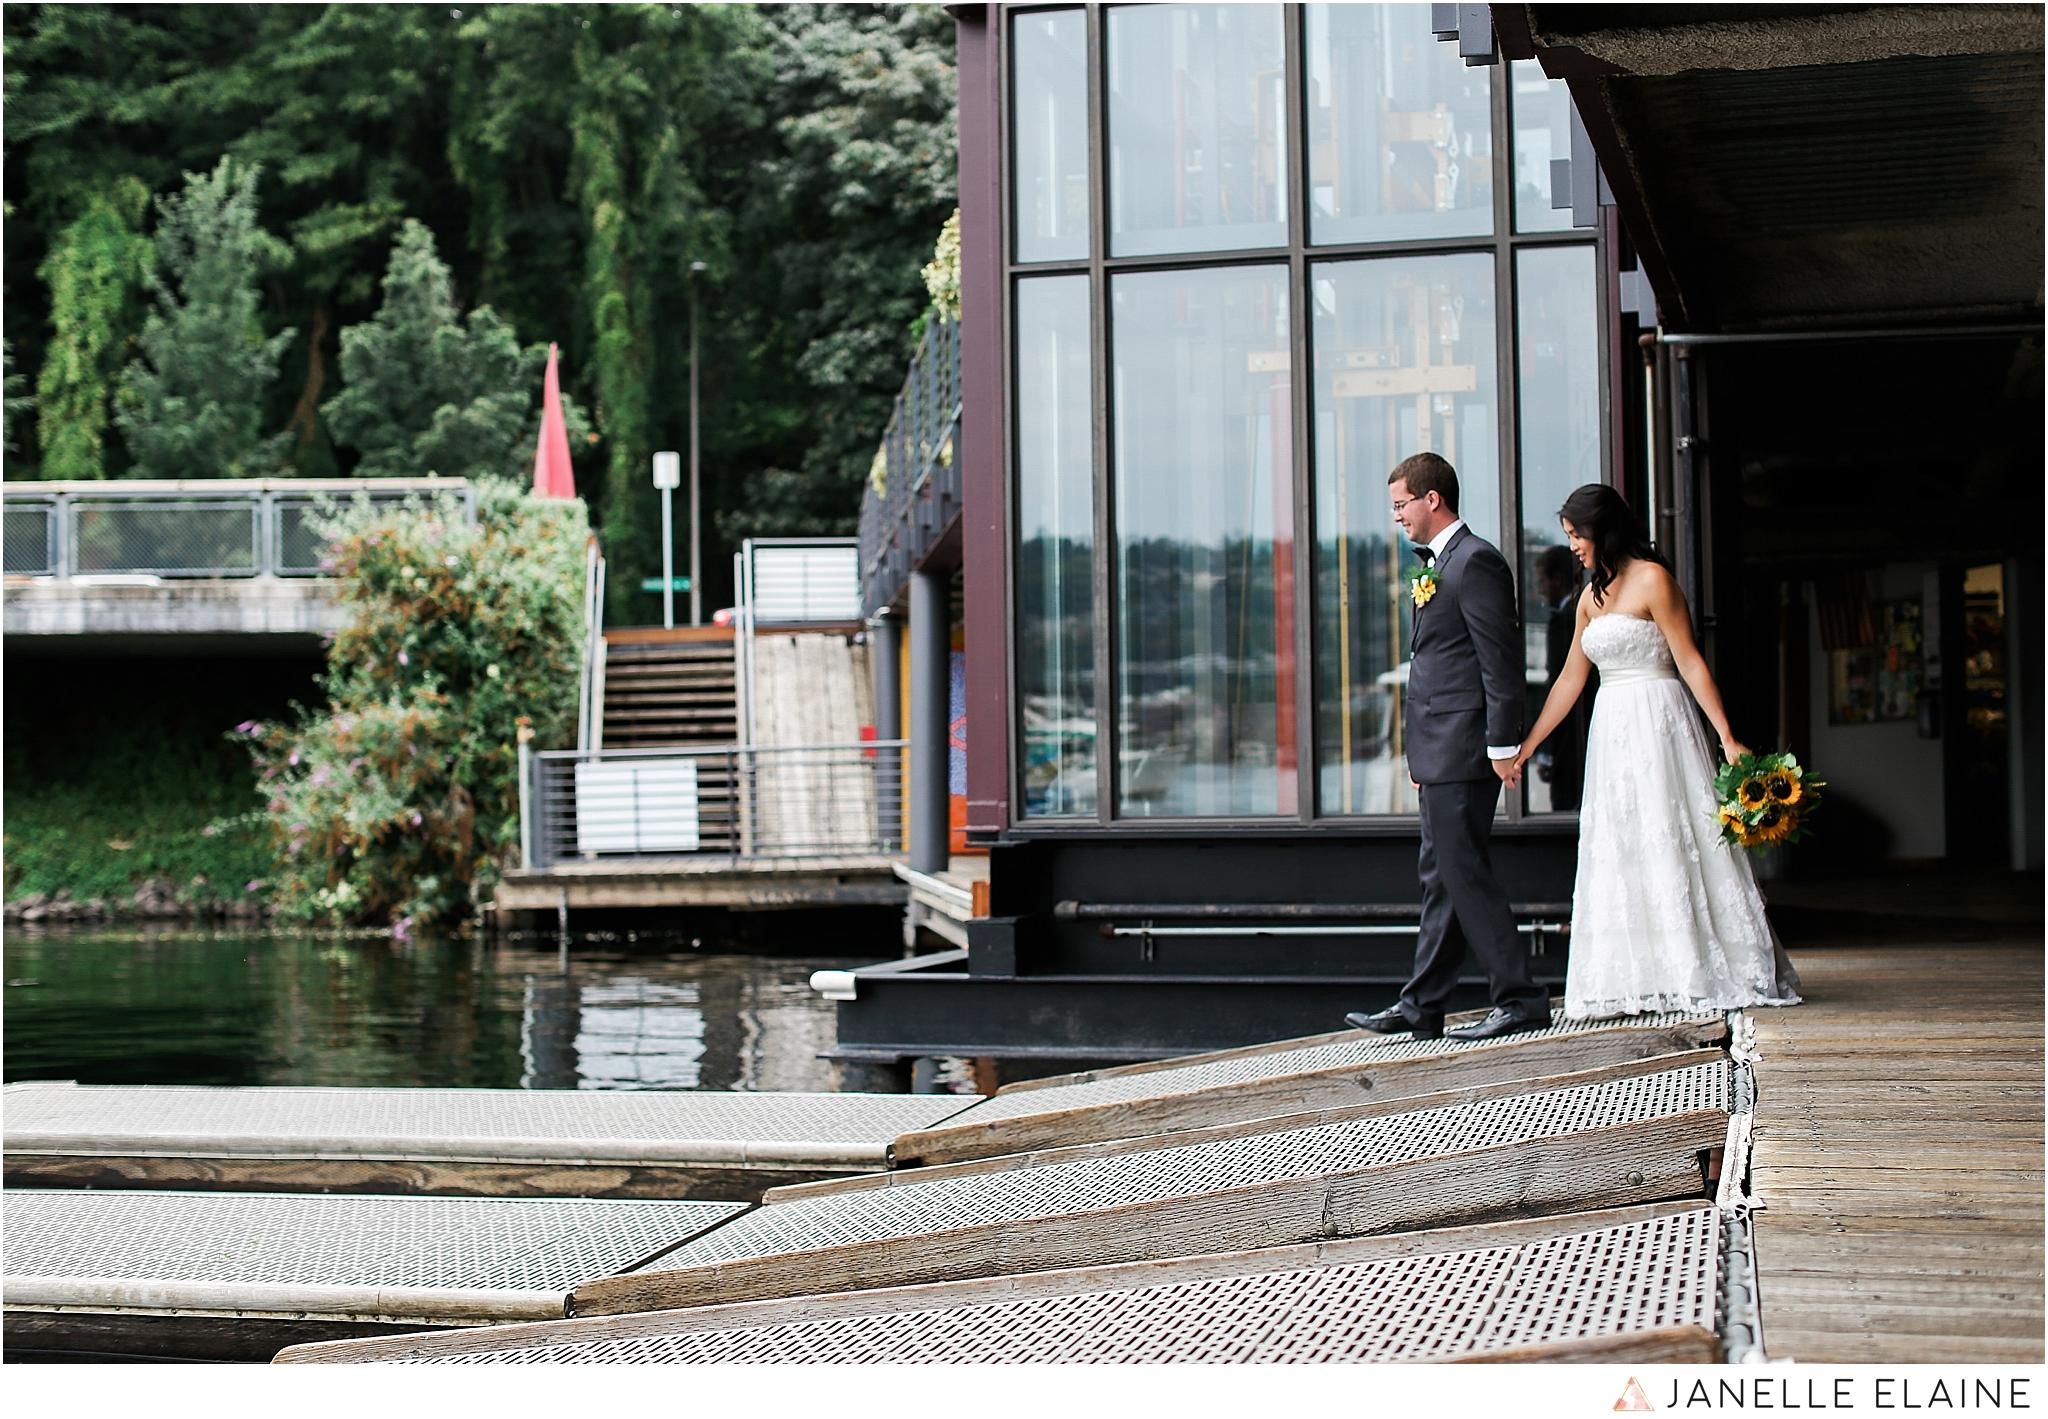 janelle elaine photography-professional wedding photographer seattle--85.jpg